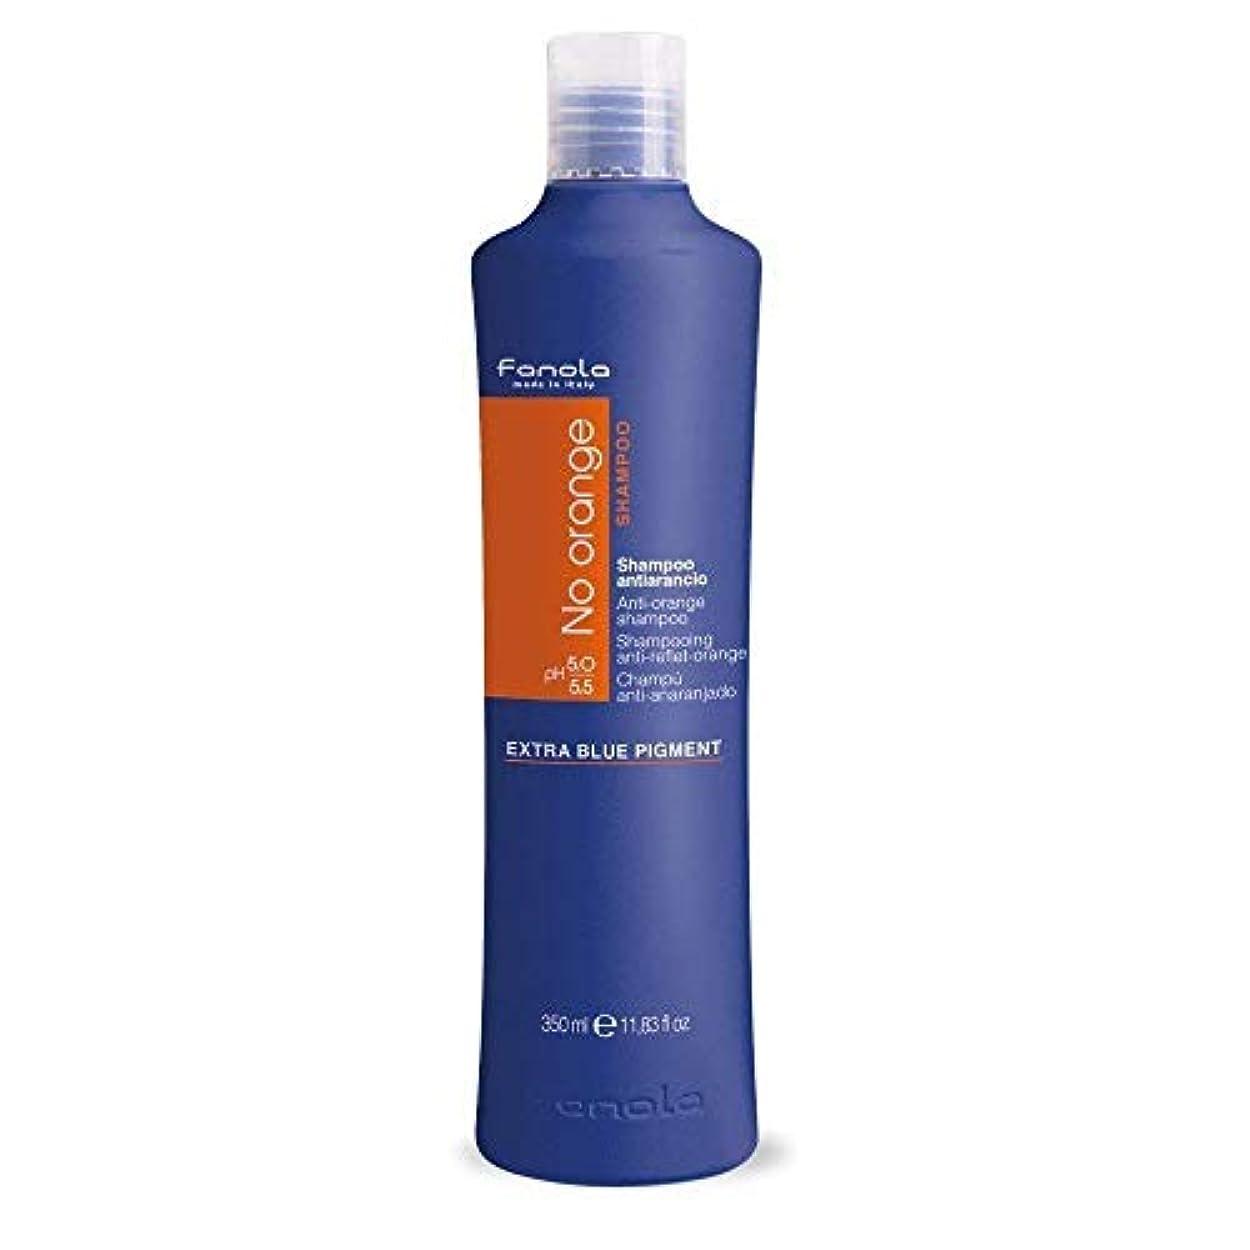 アシスト医師窒息させるFanola No Orange Shampoo 350 ml  青カラーシャンプー ノーオレンジ シャンプー 海外直送 [並行輸入品]